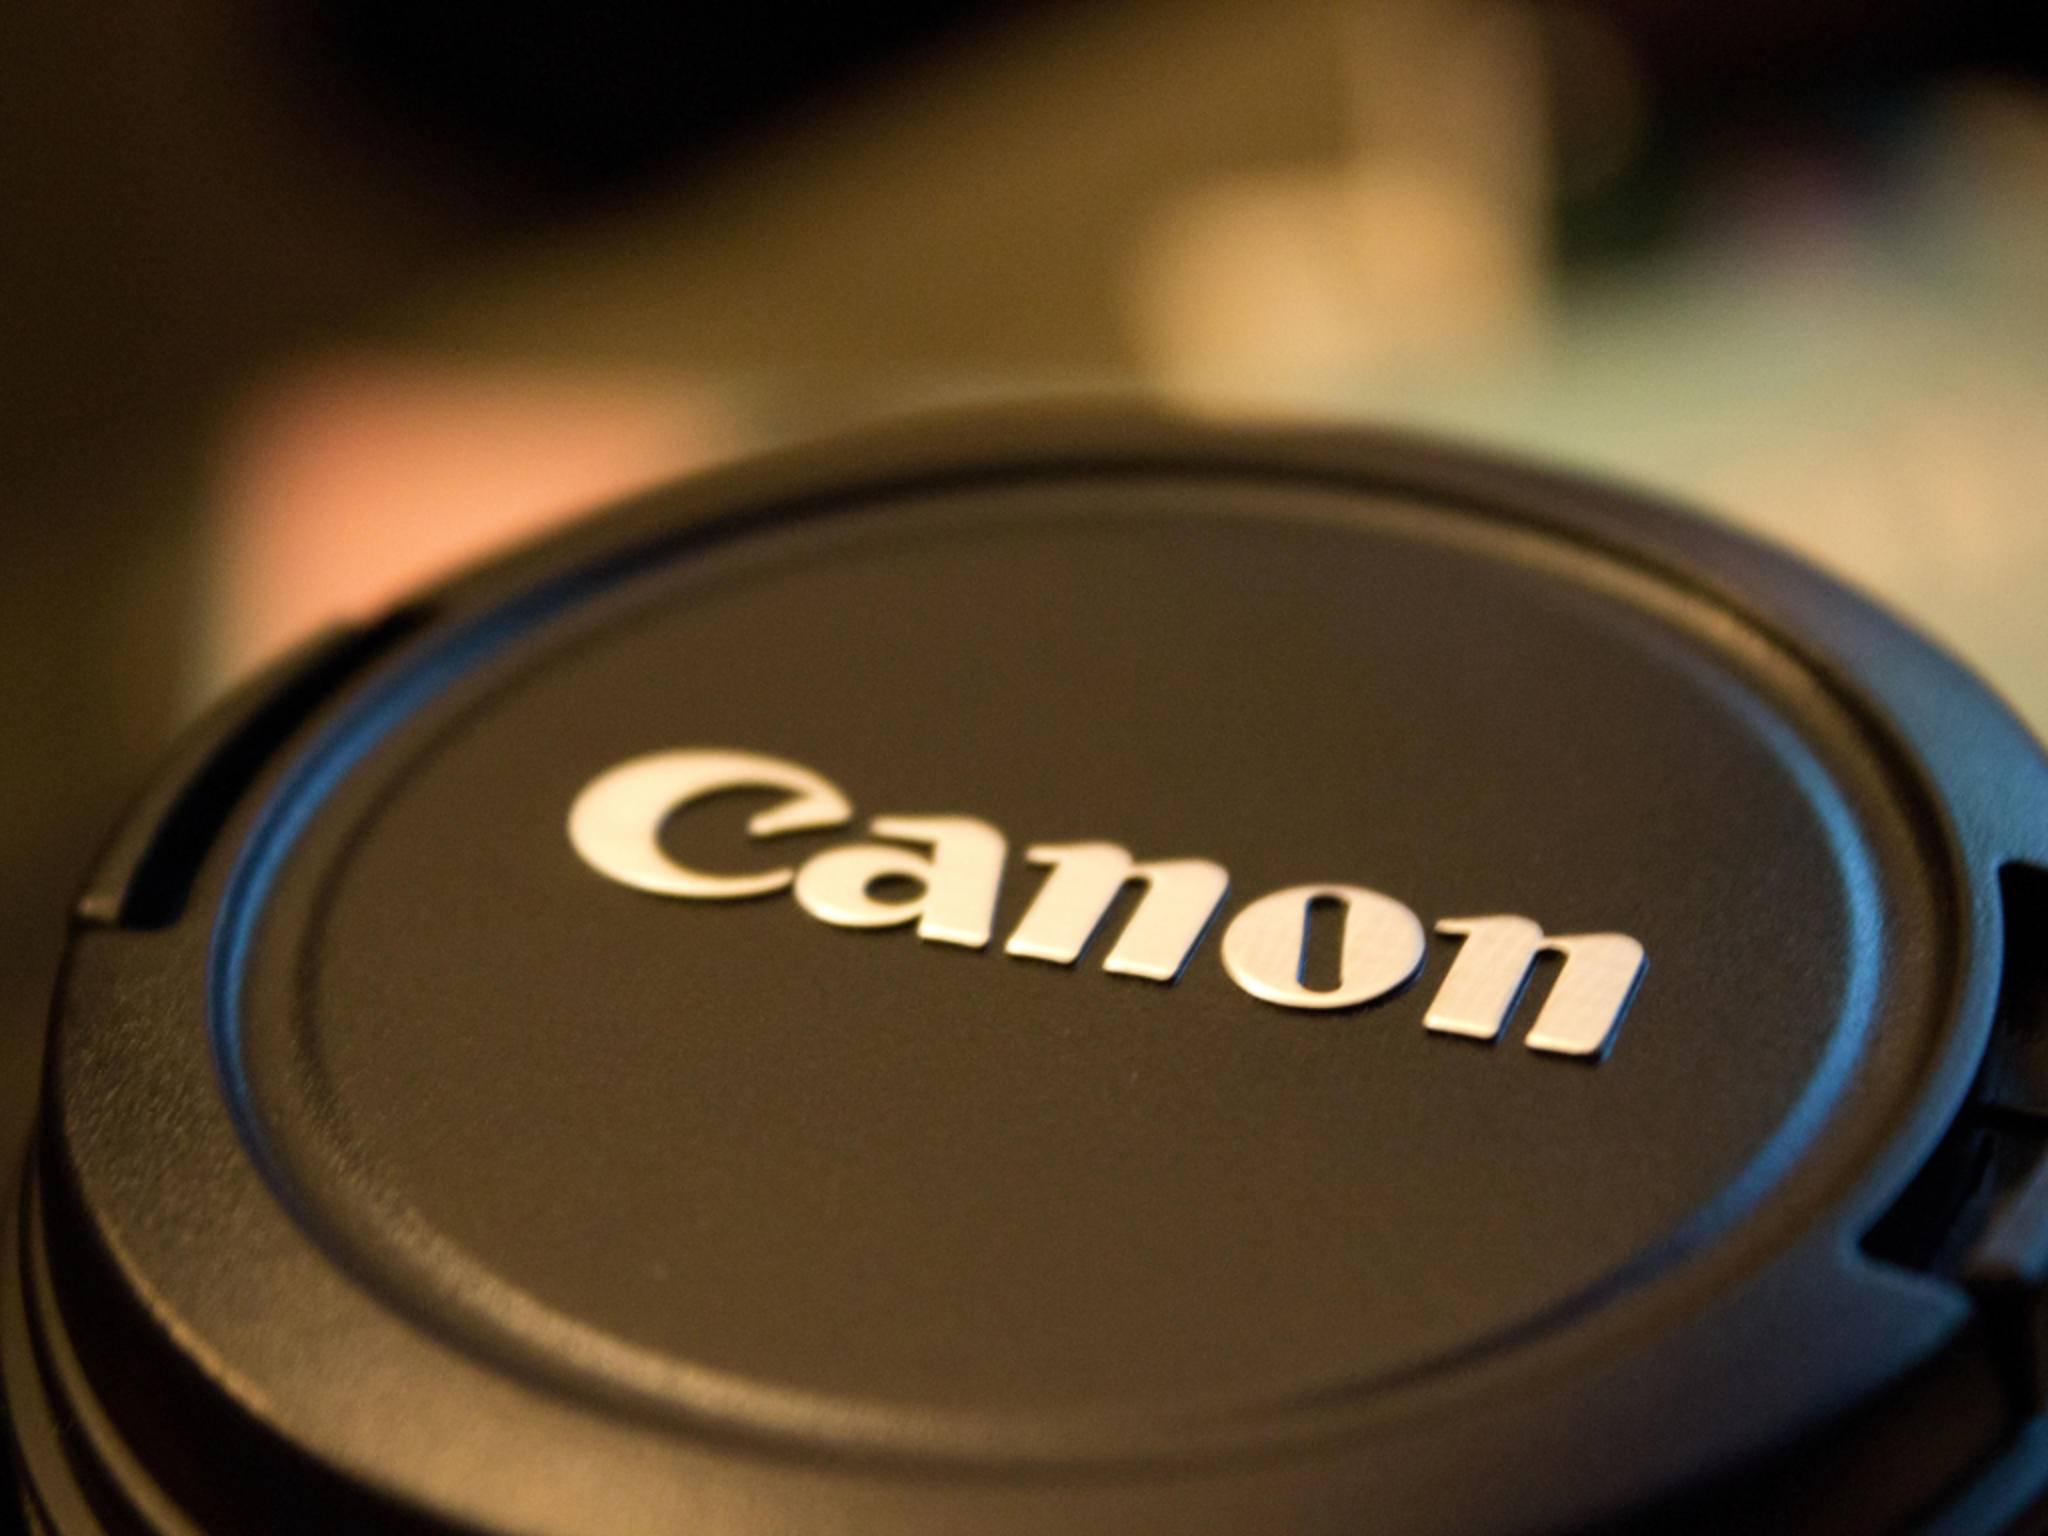 Die Canon EOS M3 soll ein klappbares LCD-Display bekommen.